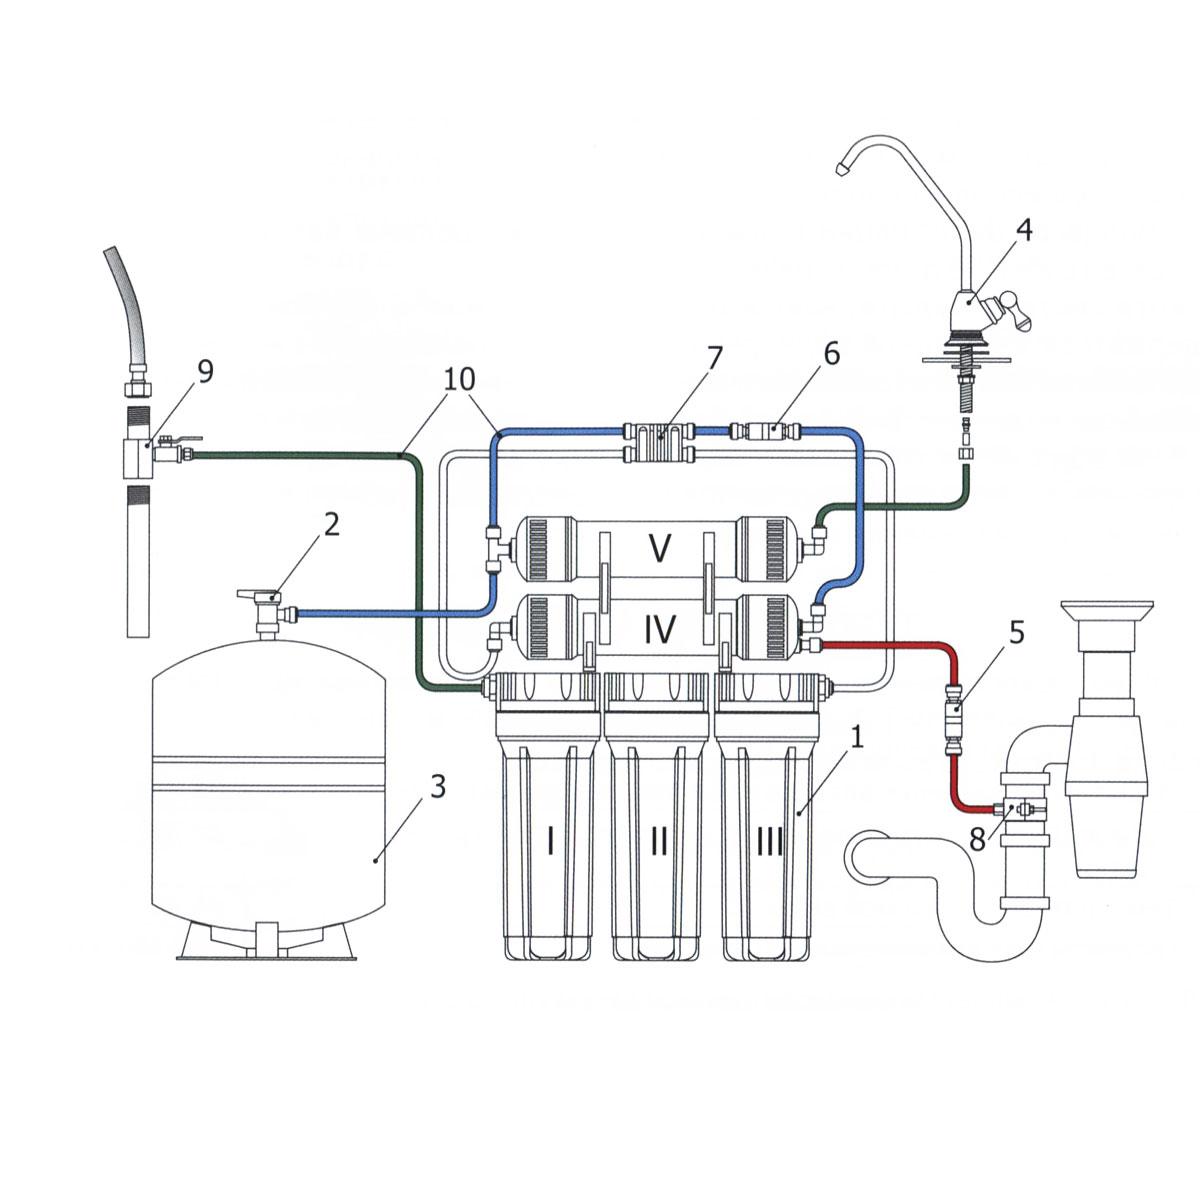 """Система обратного осмоса Гейзер """"Престиж"""" это многоступенчатая схема очистки и кондиционирования воды методом обратного осмоса. Вода, очищенная фильтром Гейзер Престиж, близка по своим свойствам к талой воде древних ледников, которая признается наиболее экологически чистой и полезной для человека. Технология обратного осмоса, использованная в фильтре Гейзер Престиж, заключается в фильтровании воды через полупроницаемую мембрану. Размеры пор мембраны настолько малы, что пропускают только молекулы воды. Размер молекул большинства примесей, а также бактерий и вирусов значительно больше молекул воды, поэтому они не проходят через мембрану. Система работает при давлении в подводящей магистрали не менее 3 атм. Состав картриджей фильтра: 1-я ступень очистки (картридж PP 5 мкр.). Ресурс 20000 литров. 2-я ступень очистки (картридж СВС). Ресурс 7000 литров. 3-я ступень очистки (картридж СВС). Ресурс 7000 литров. 4-я ступень очистки (обратноосмотическая мембрана 50 галлон). Ресурс 1,5 - 2 года. 5-я ступень очистки (угольный посфильтр). Ресурс 1 год. Назначение картриджей: 1-я ступень (картридж PP 5 мкр.).  Механическая фильтрация. Эти картриджи применяются в бытовых фильтрах для очистки воды от грязи, взвешенных частиц и нерастворимых примесей. Этот недорогой картридж первым принимает удар на себя и защищает последующие ступени системы очистки воды от быстрого загрязнения. В условиях возможных грязевых выбросов в водопровод это простой и эффективный способ защиты картриджей тонкой очистки для бытовых фильтров для воды. Вышедший из строя картридж механической очистки быстро и просто заменяется, зато остальные фильтроэлементы работают дольше и с максимальной эффективностью. Картридж Изготовлен из вспененного полипропилена. 2-я, 3-я ступени (СВС). Картридж СВС изготовлен из кокосового активированного угля, созданного по технологии карбон блок. Имеет большую сорбционную способность, чем гранулированный уголь. Этот картридж хорошо очищает воду от хлора, улучшает вкуса, цвет и запах"""